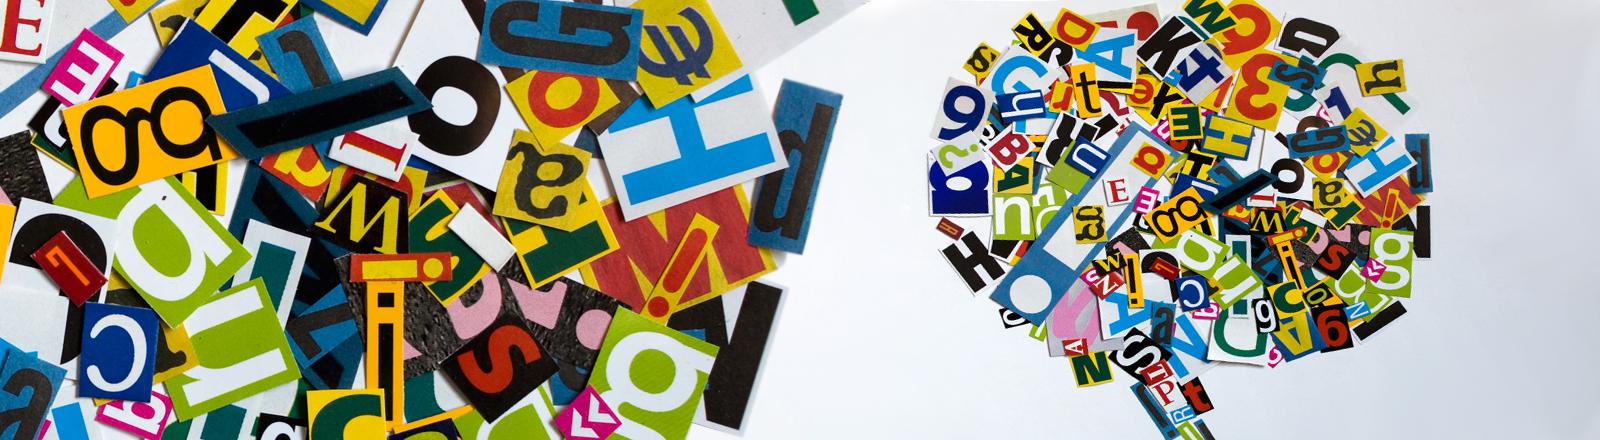 bunte Buchstaben, angeordnet in der Form einer Sprechblase